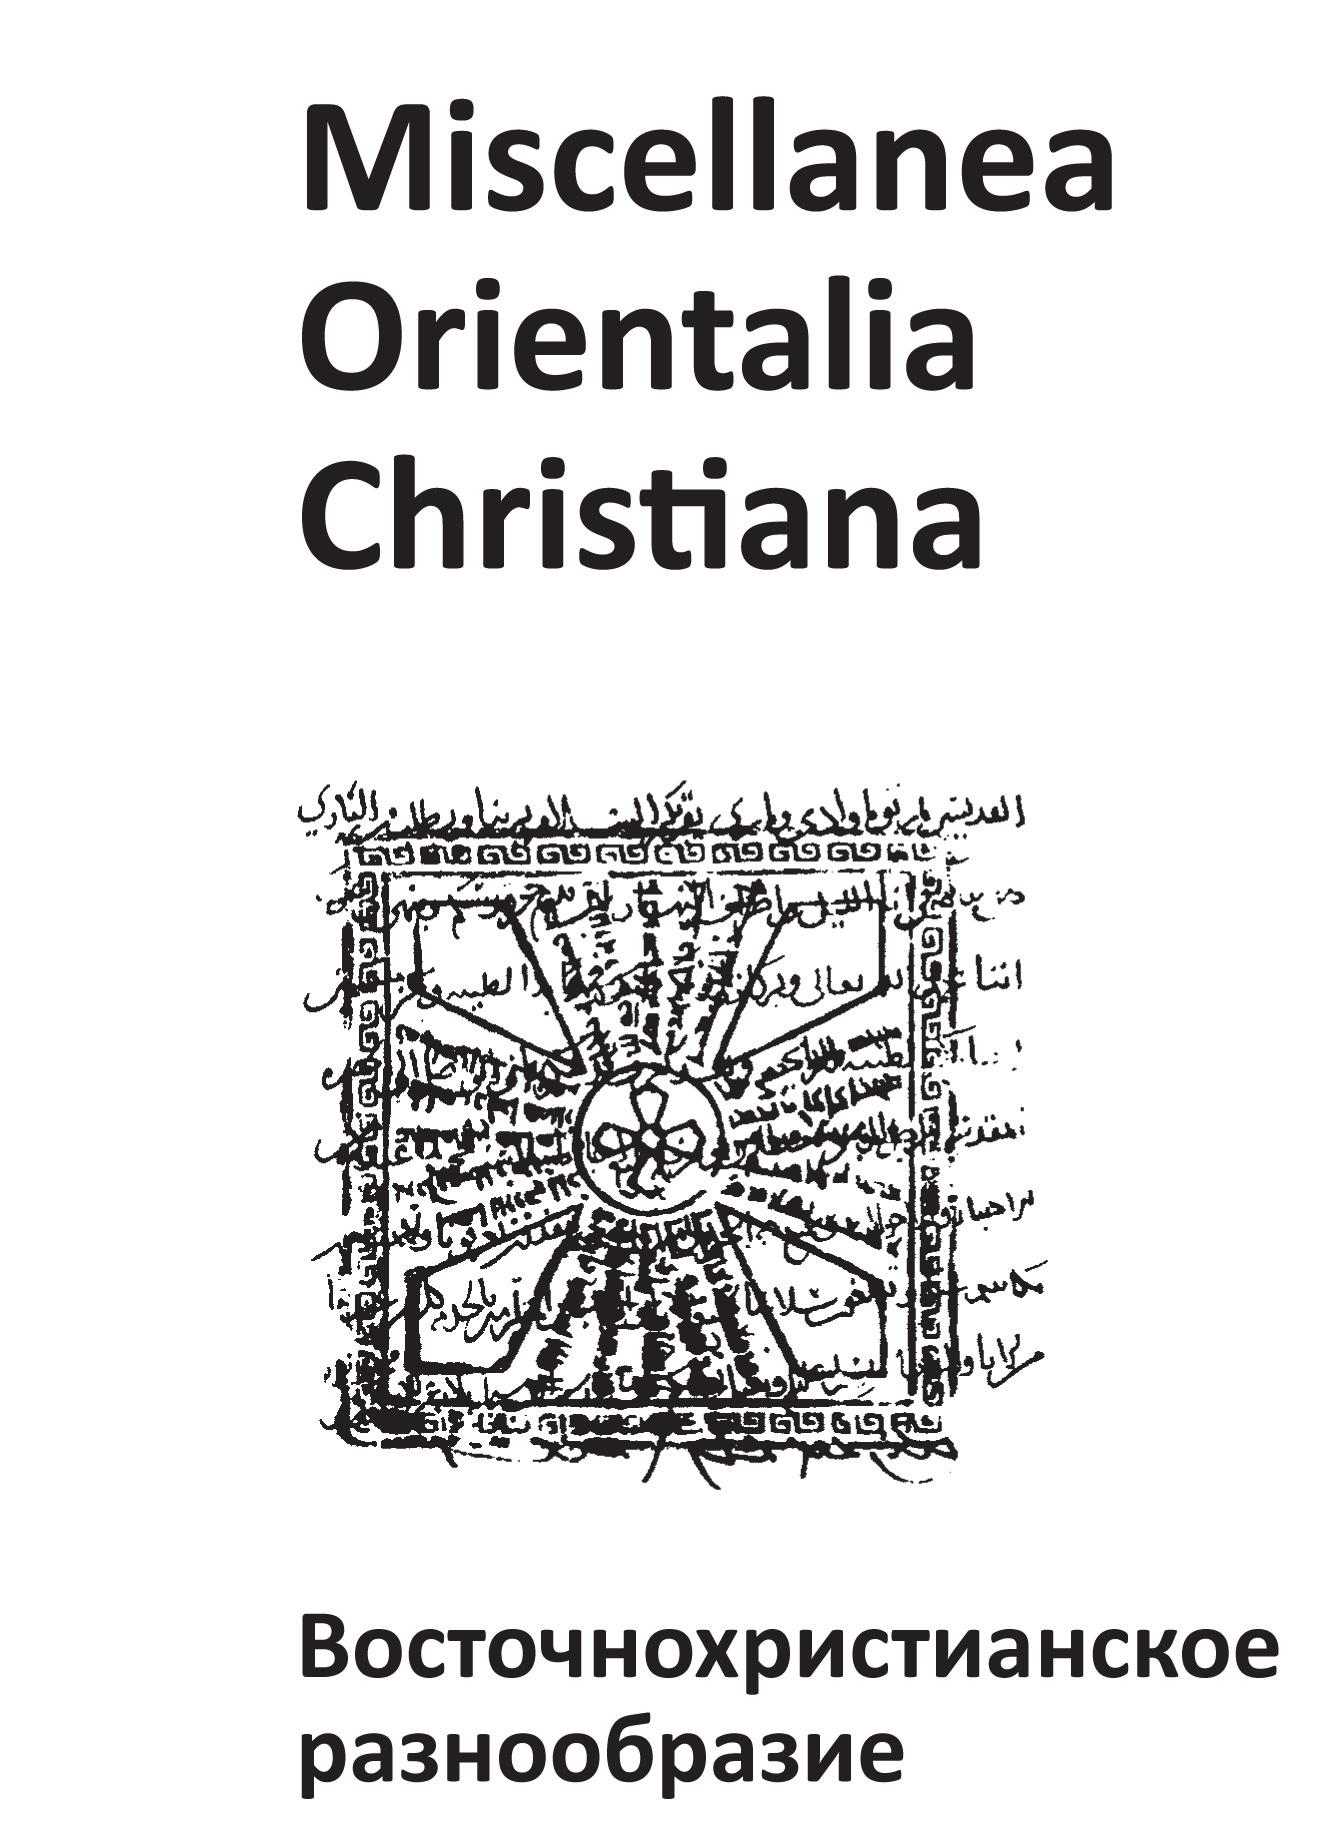 Скачать Miscellanea Orientalia Christiana. Восточнохристианское разнообразие быстро